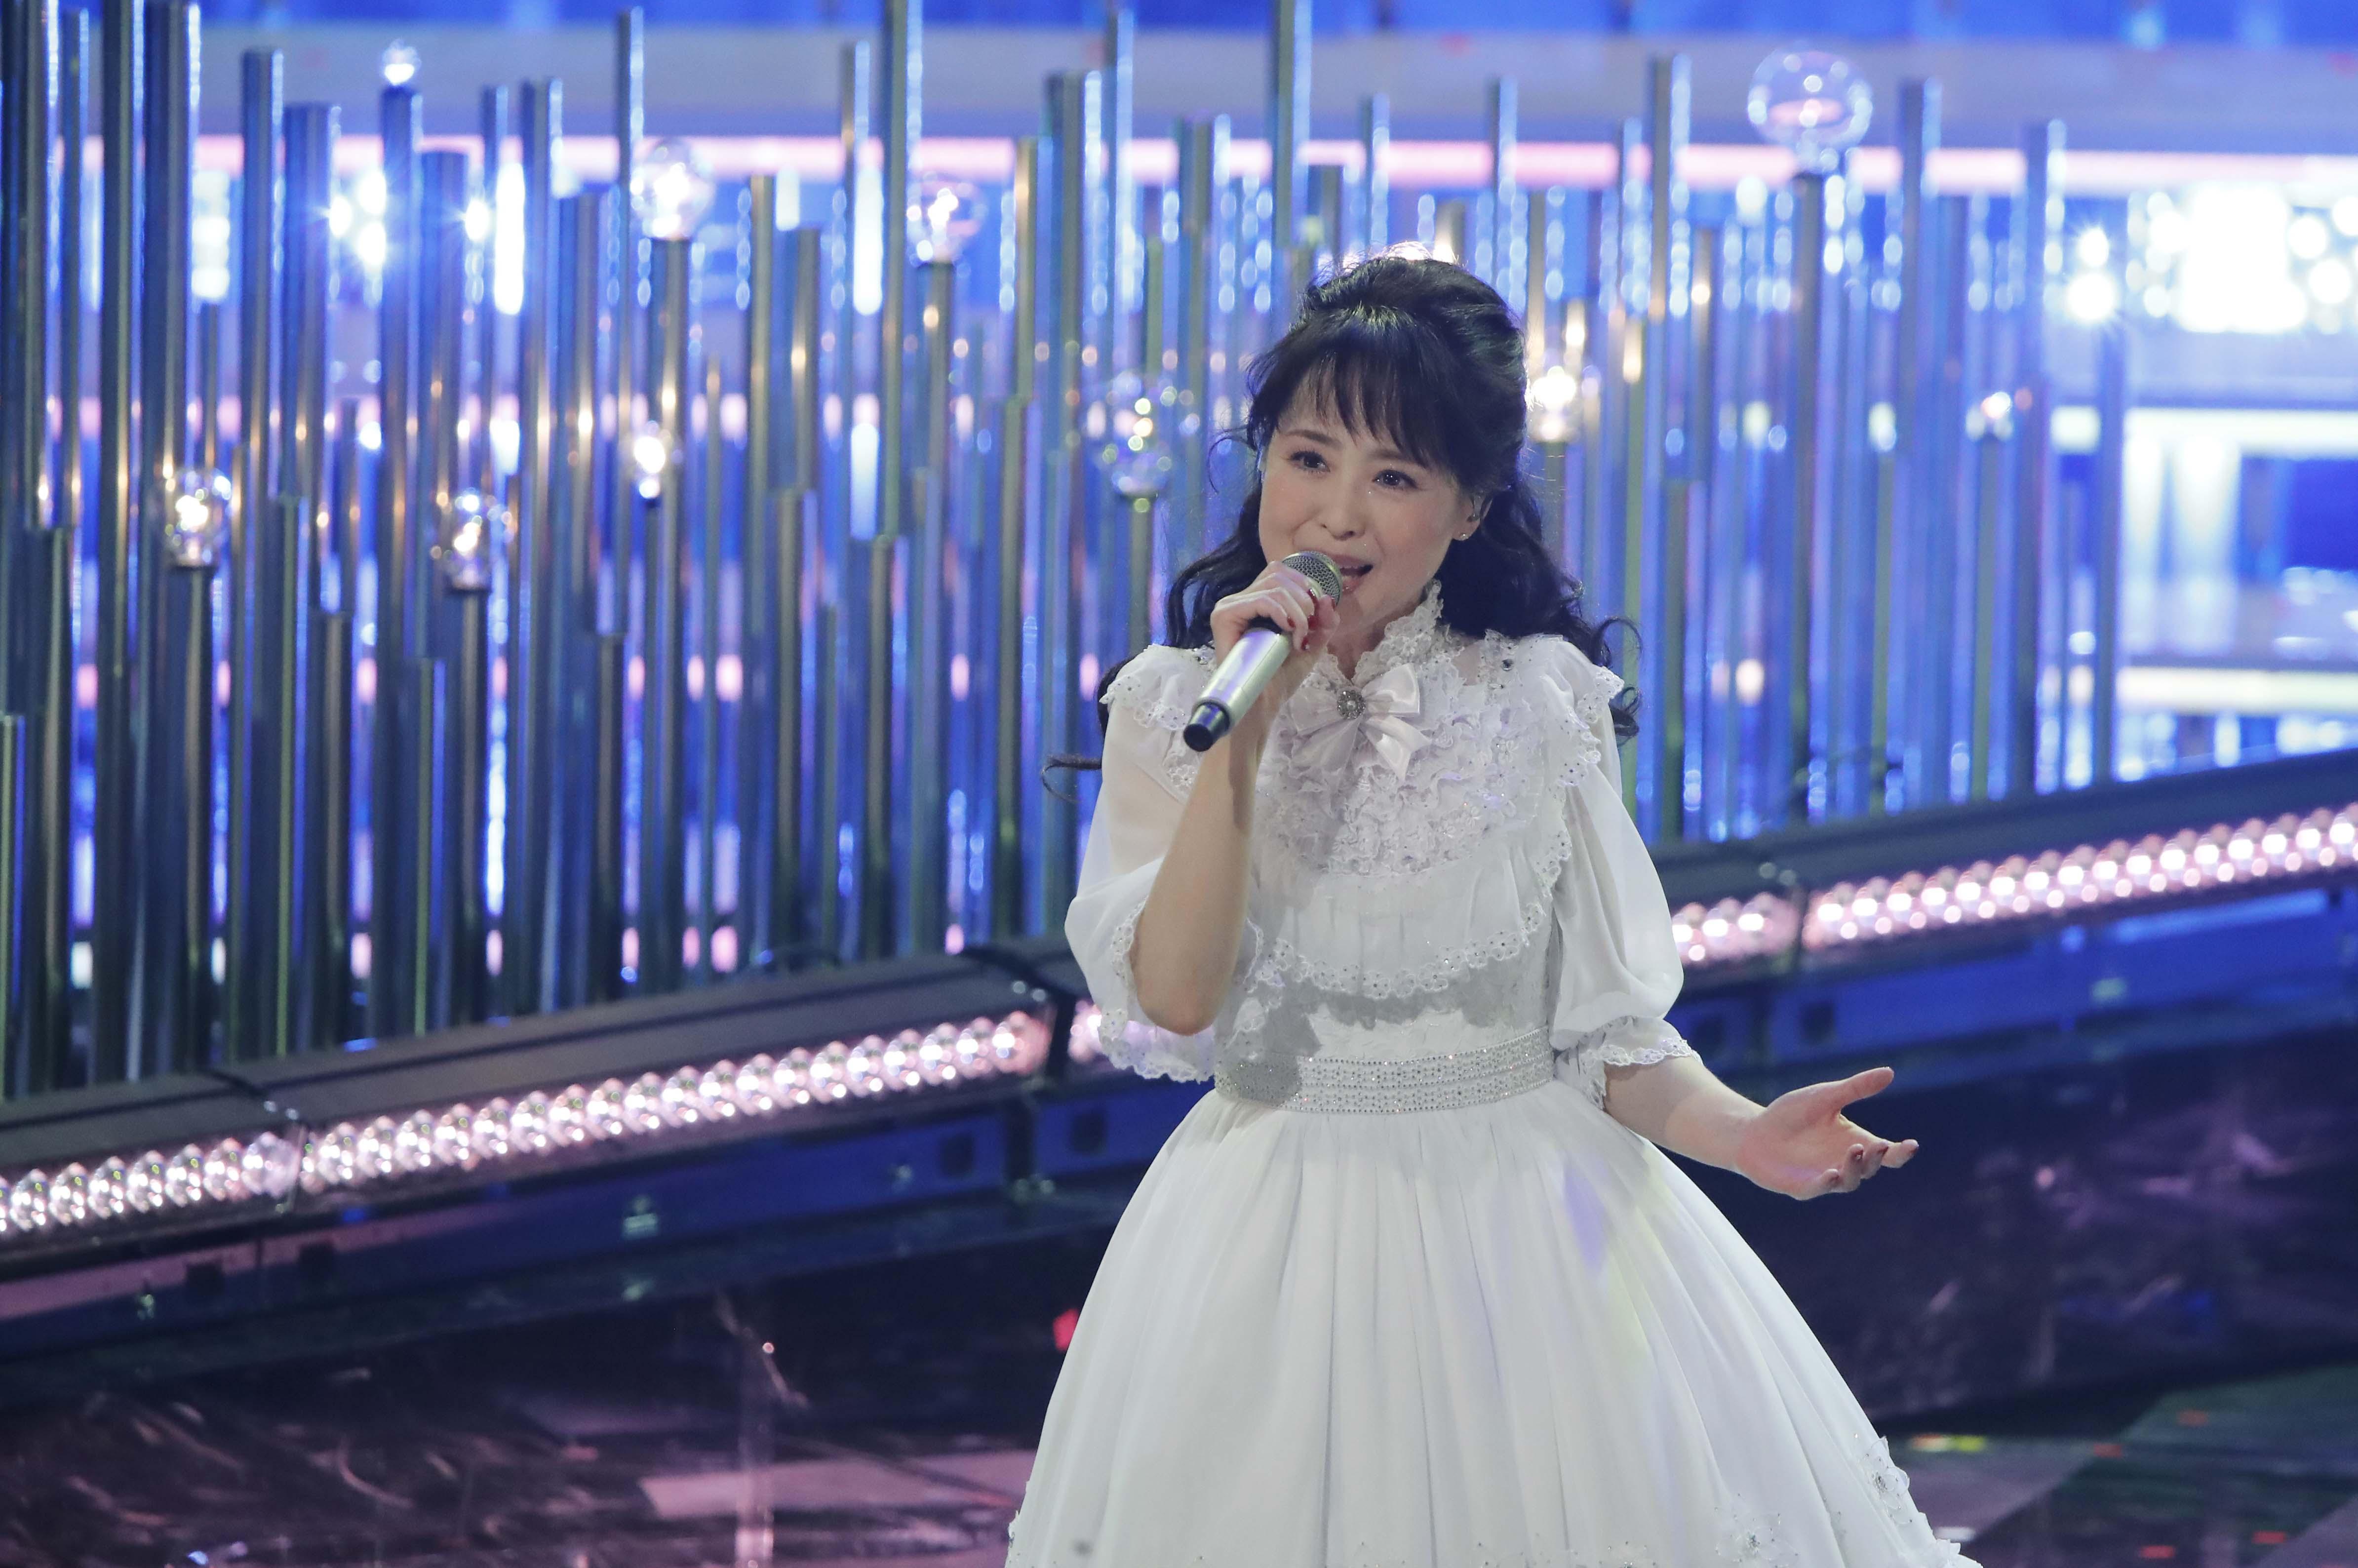 歌姫たちの熱演 第69回NHK紅白歌合戦